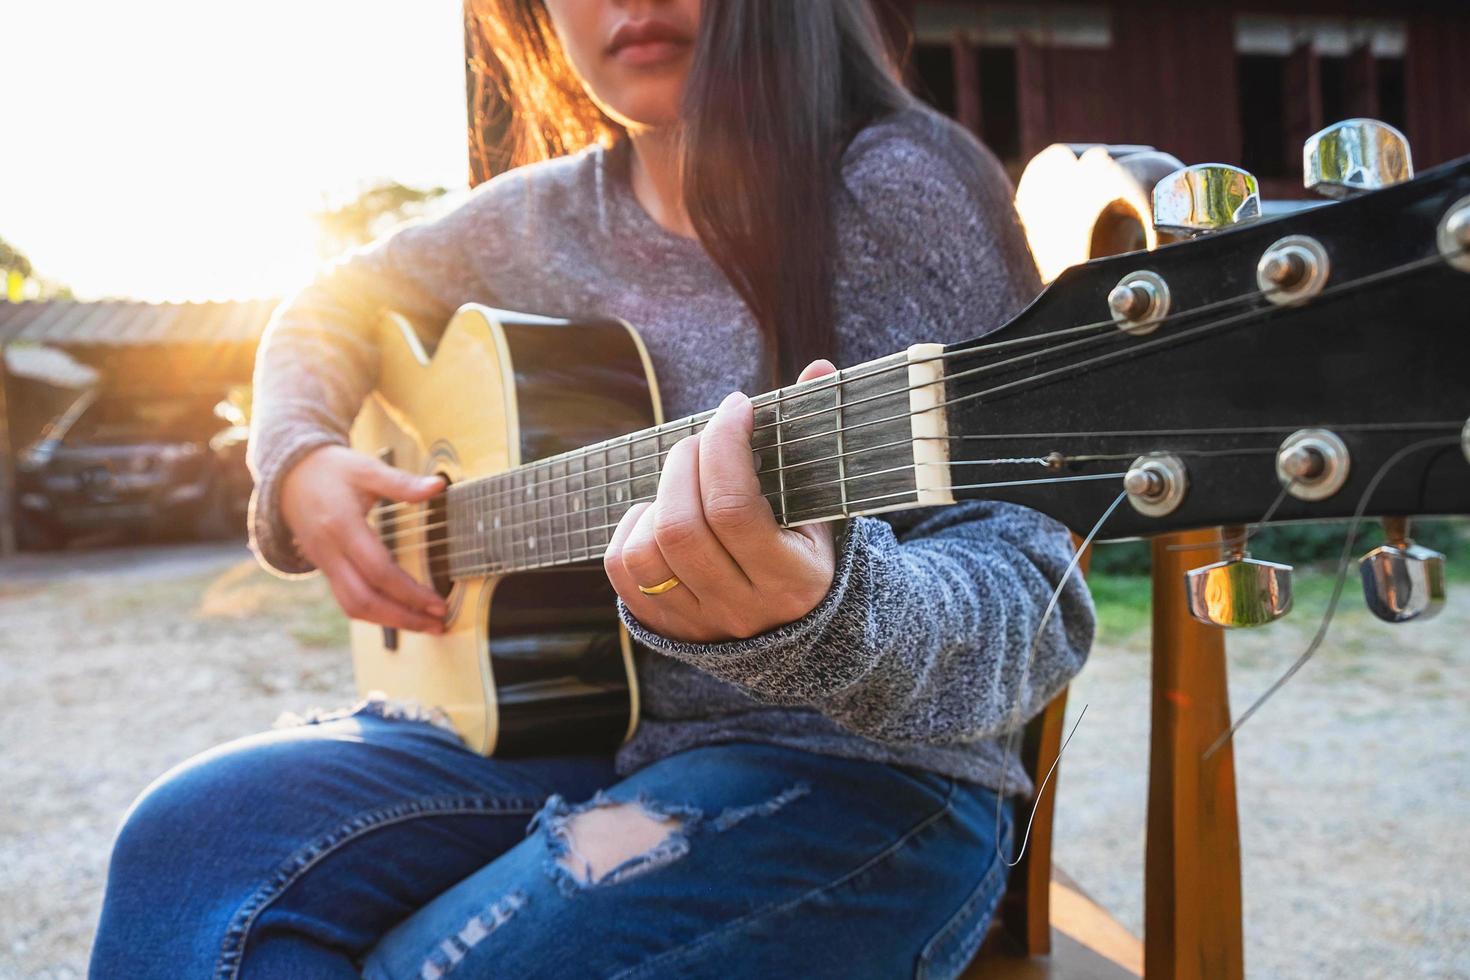 donna che suona una chitarra all'esterno foto